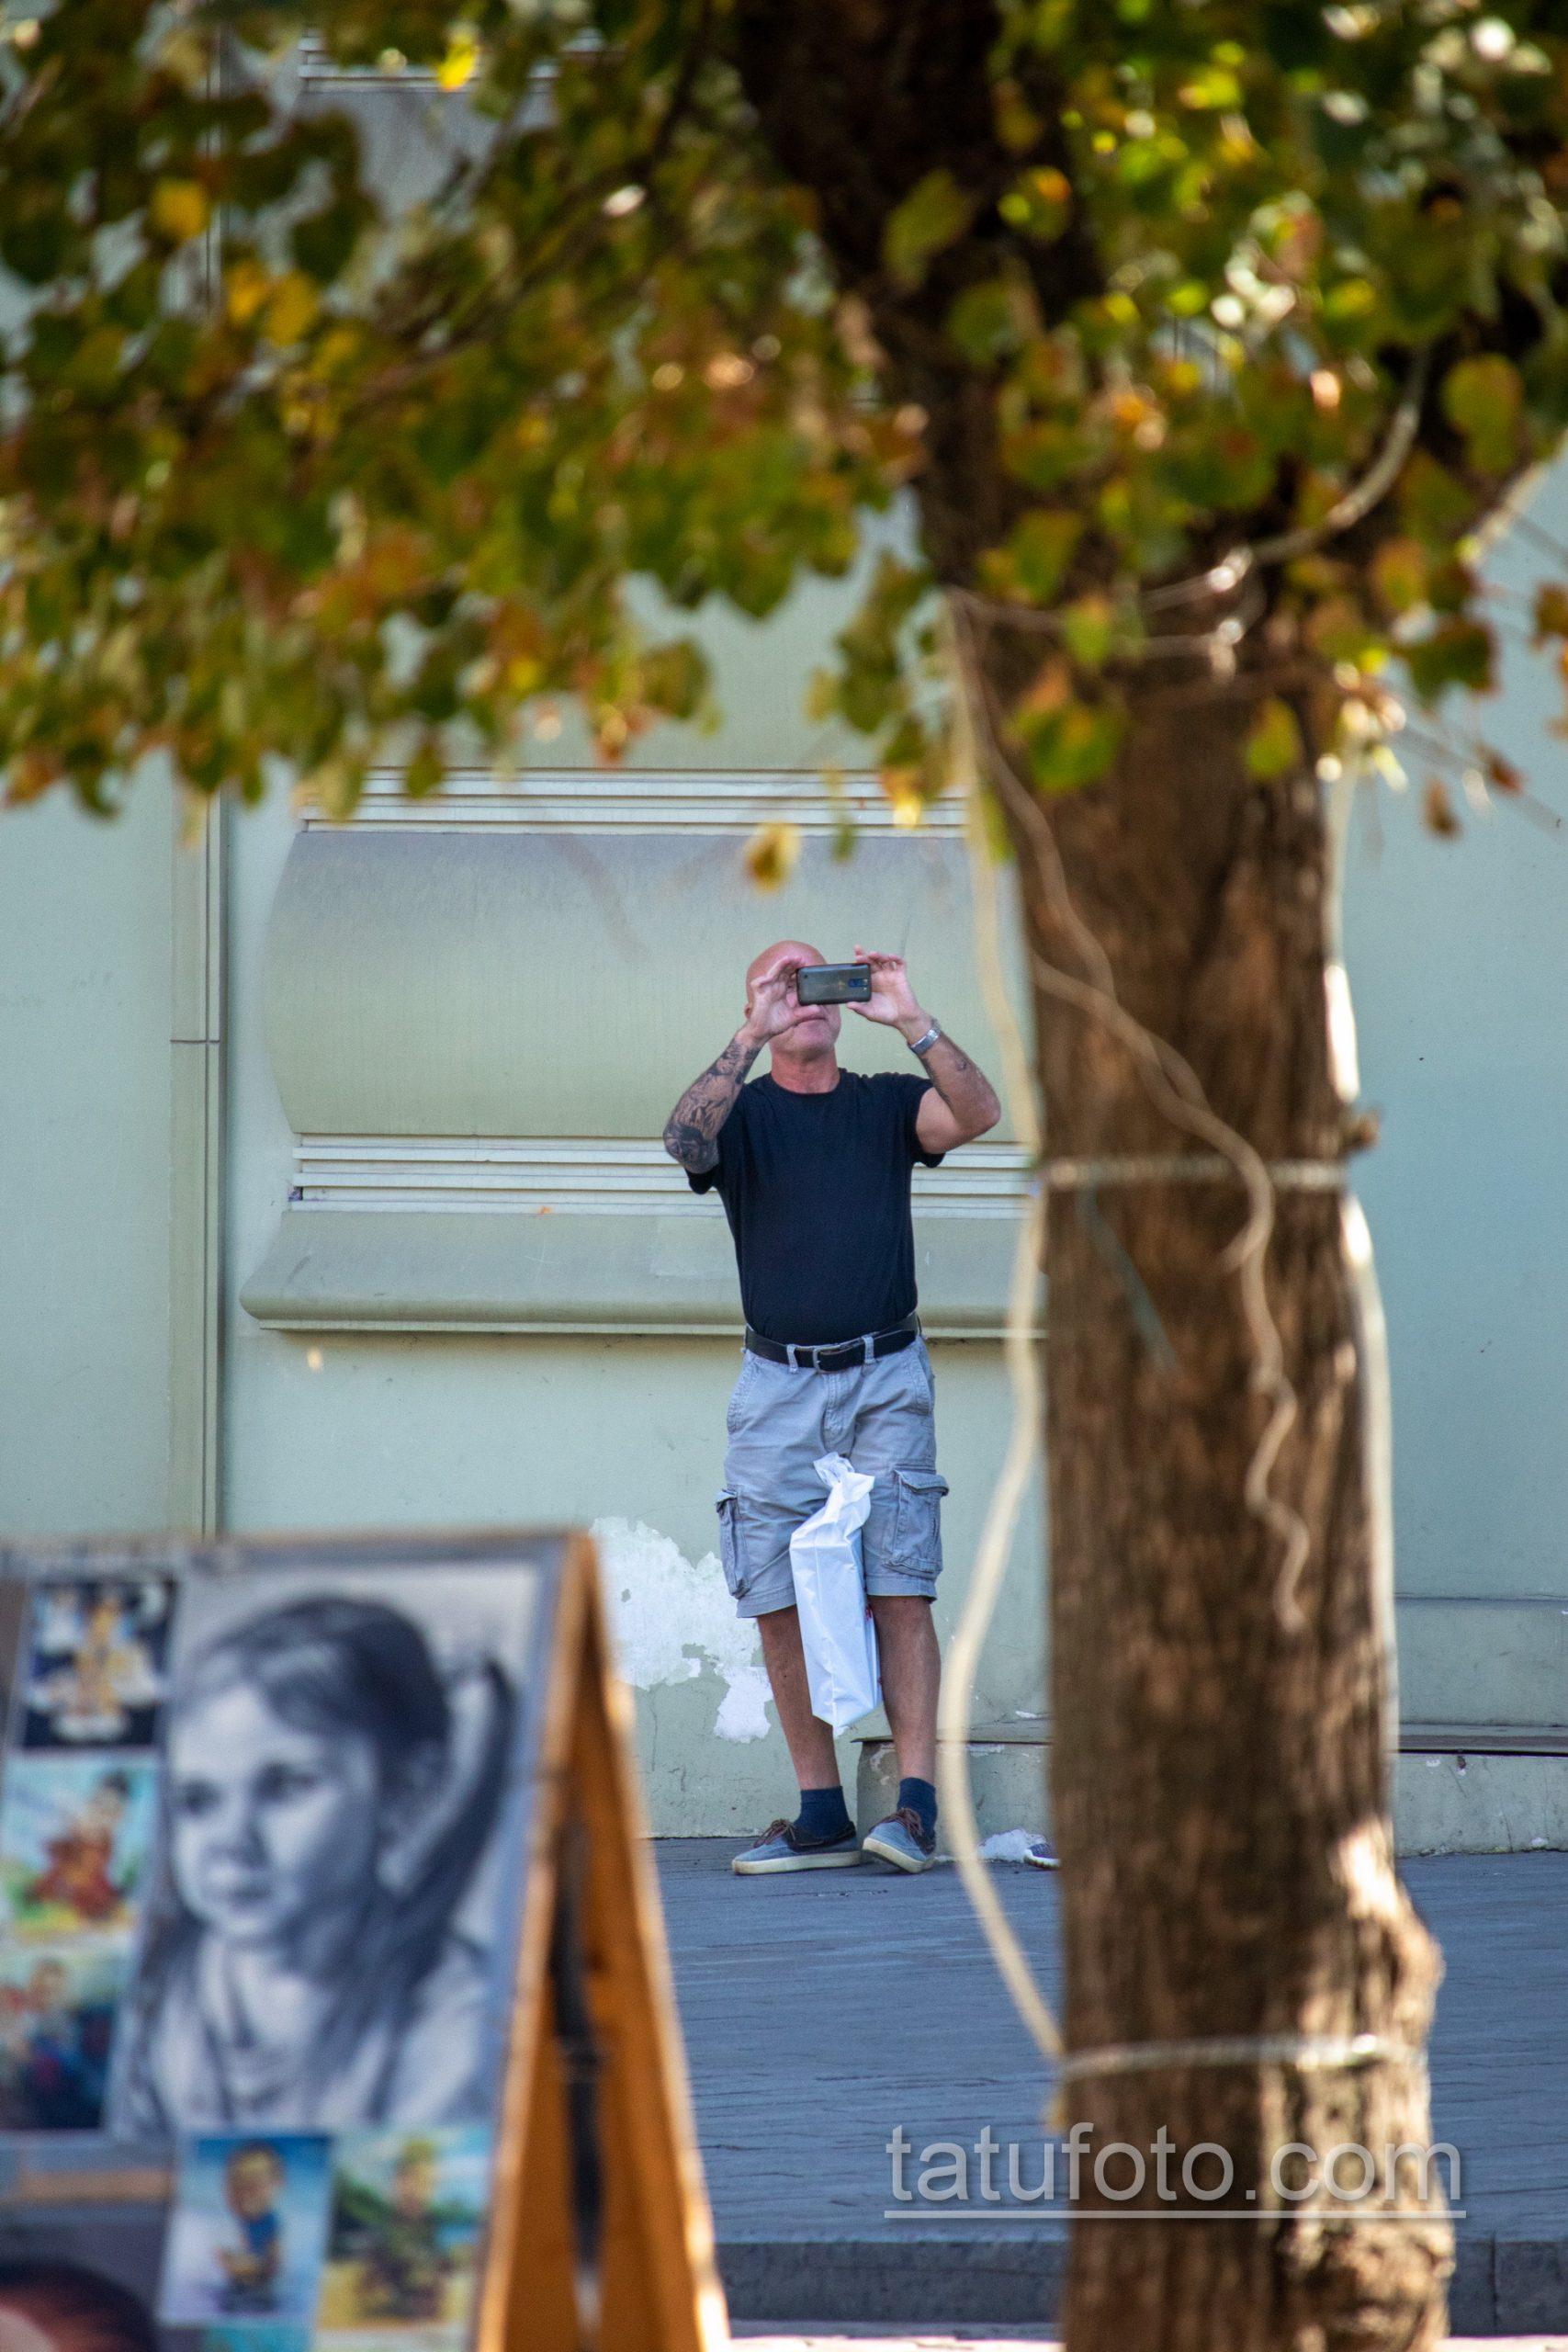 Рукав тату с часами и лицом девушки на правой руке взрослого мужчины - Уличная татуировка 14.09.2020 – tatufoto.com 2